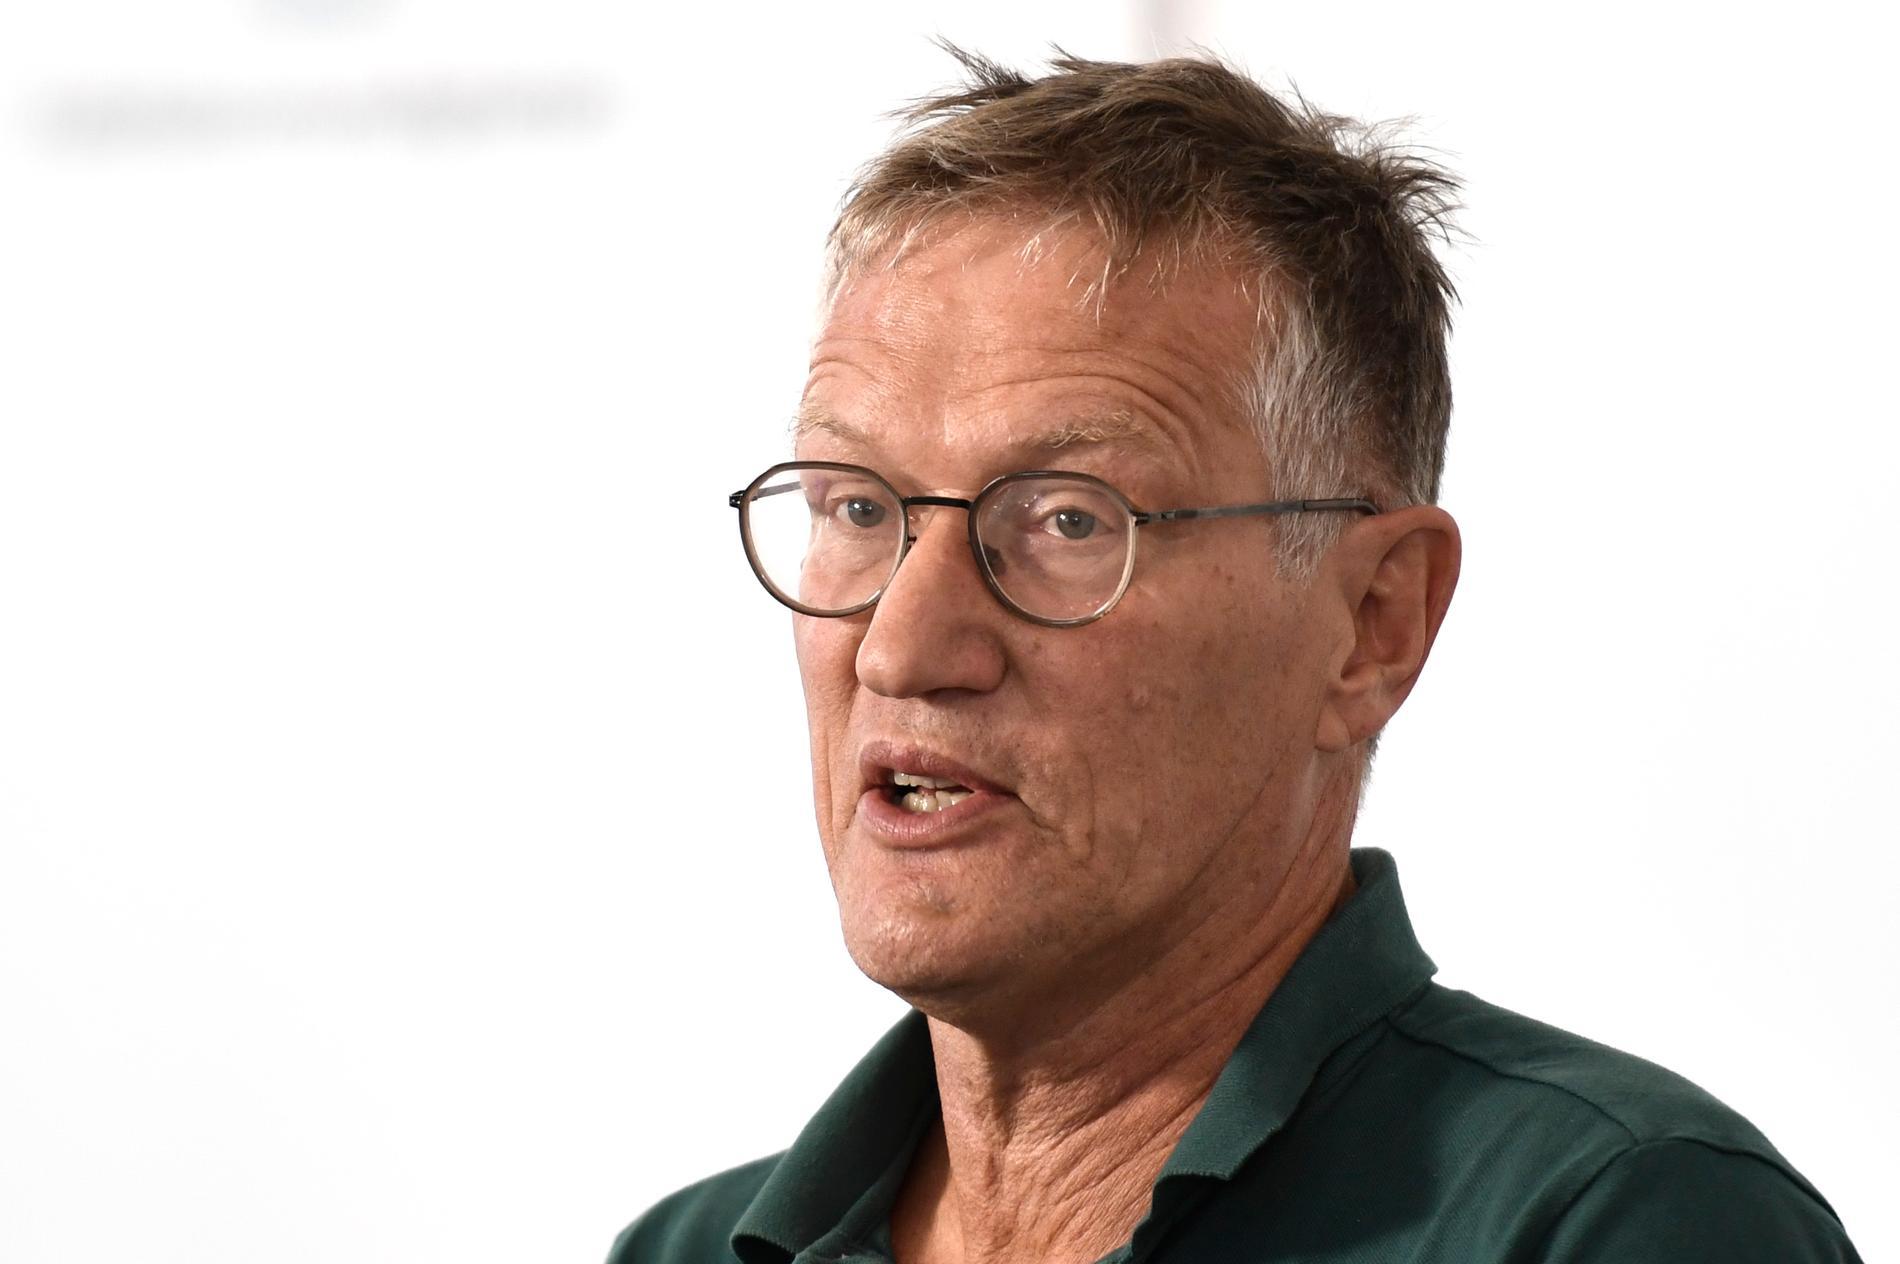 Statsepidemiolog Anders Tegnell flaggar för att ett coronavaccin kanske inte ger det heltäckande skydd många äldre hoppas på.